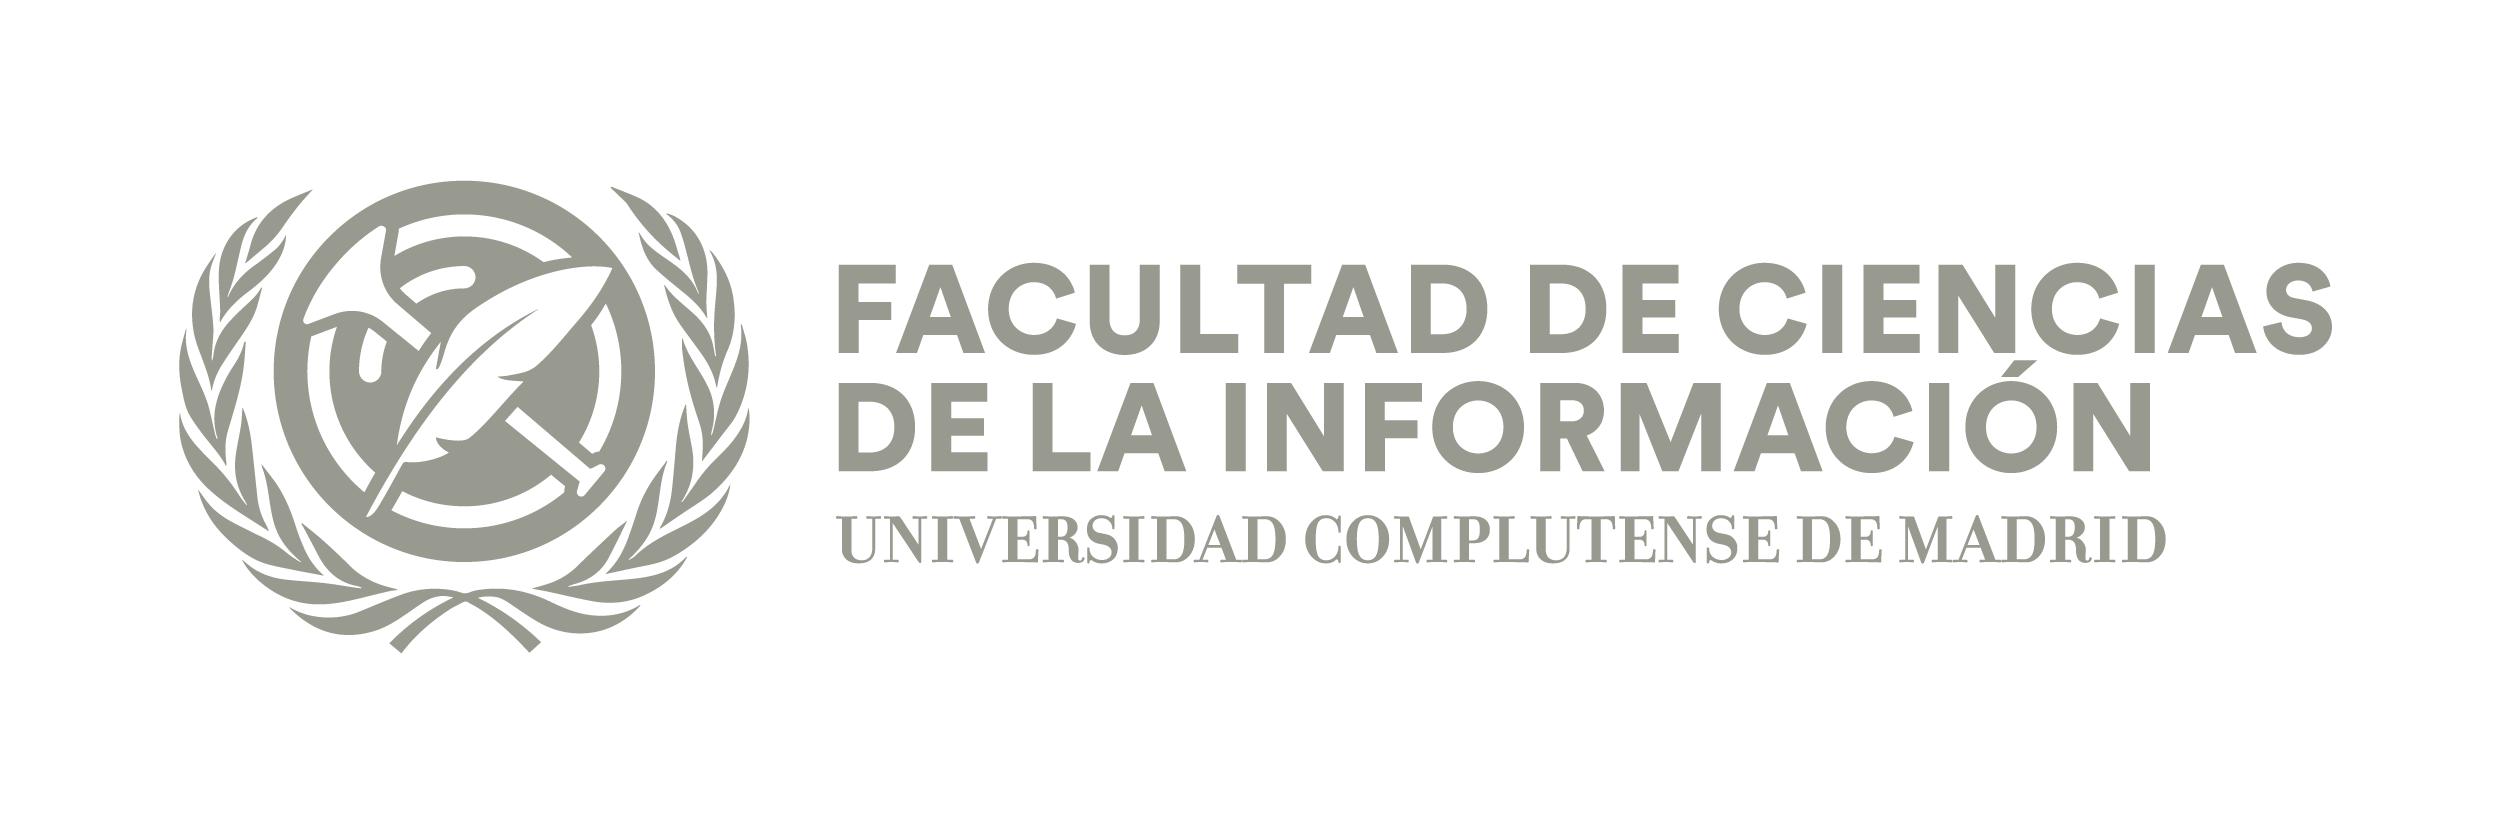 Logo Horizontal Facultad Ciencias de la Información Logotipo